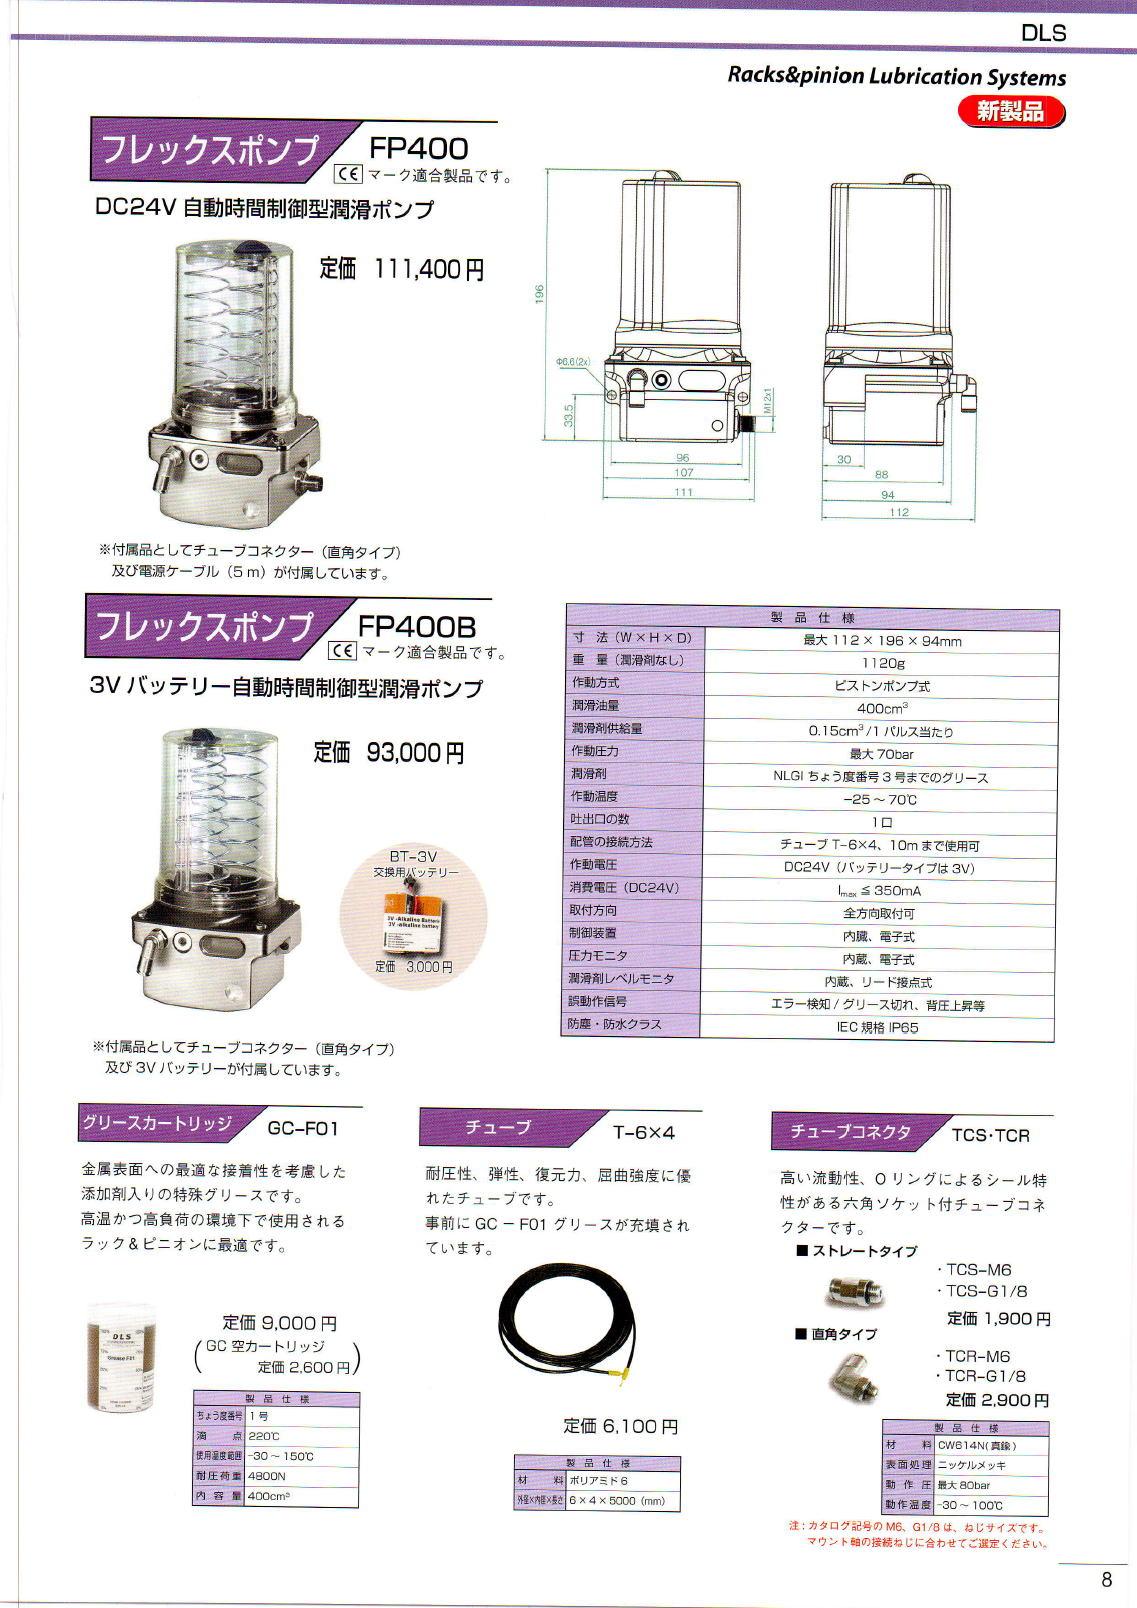 KHK フレックスポンプ FP400 / FP400B / GC-F01  / T-6X4  / TCS-TCR